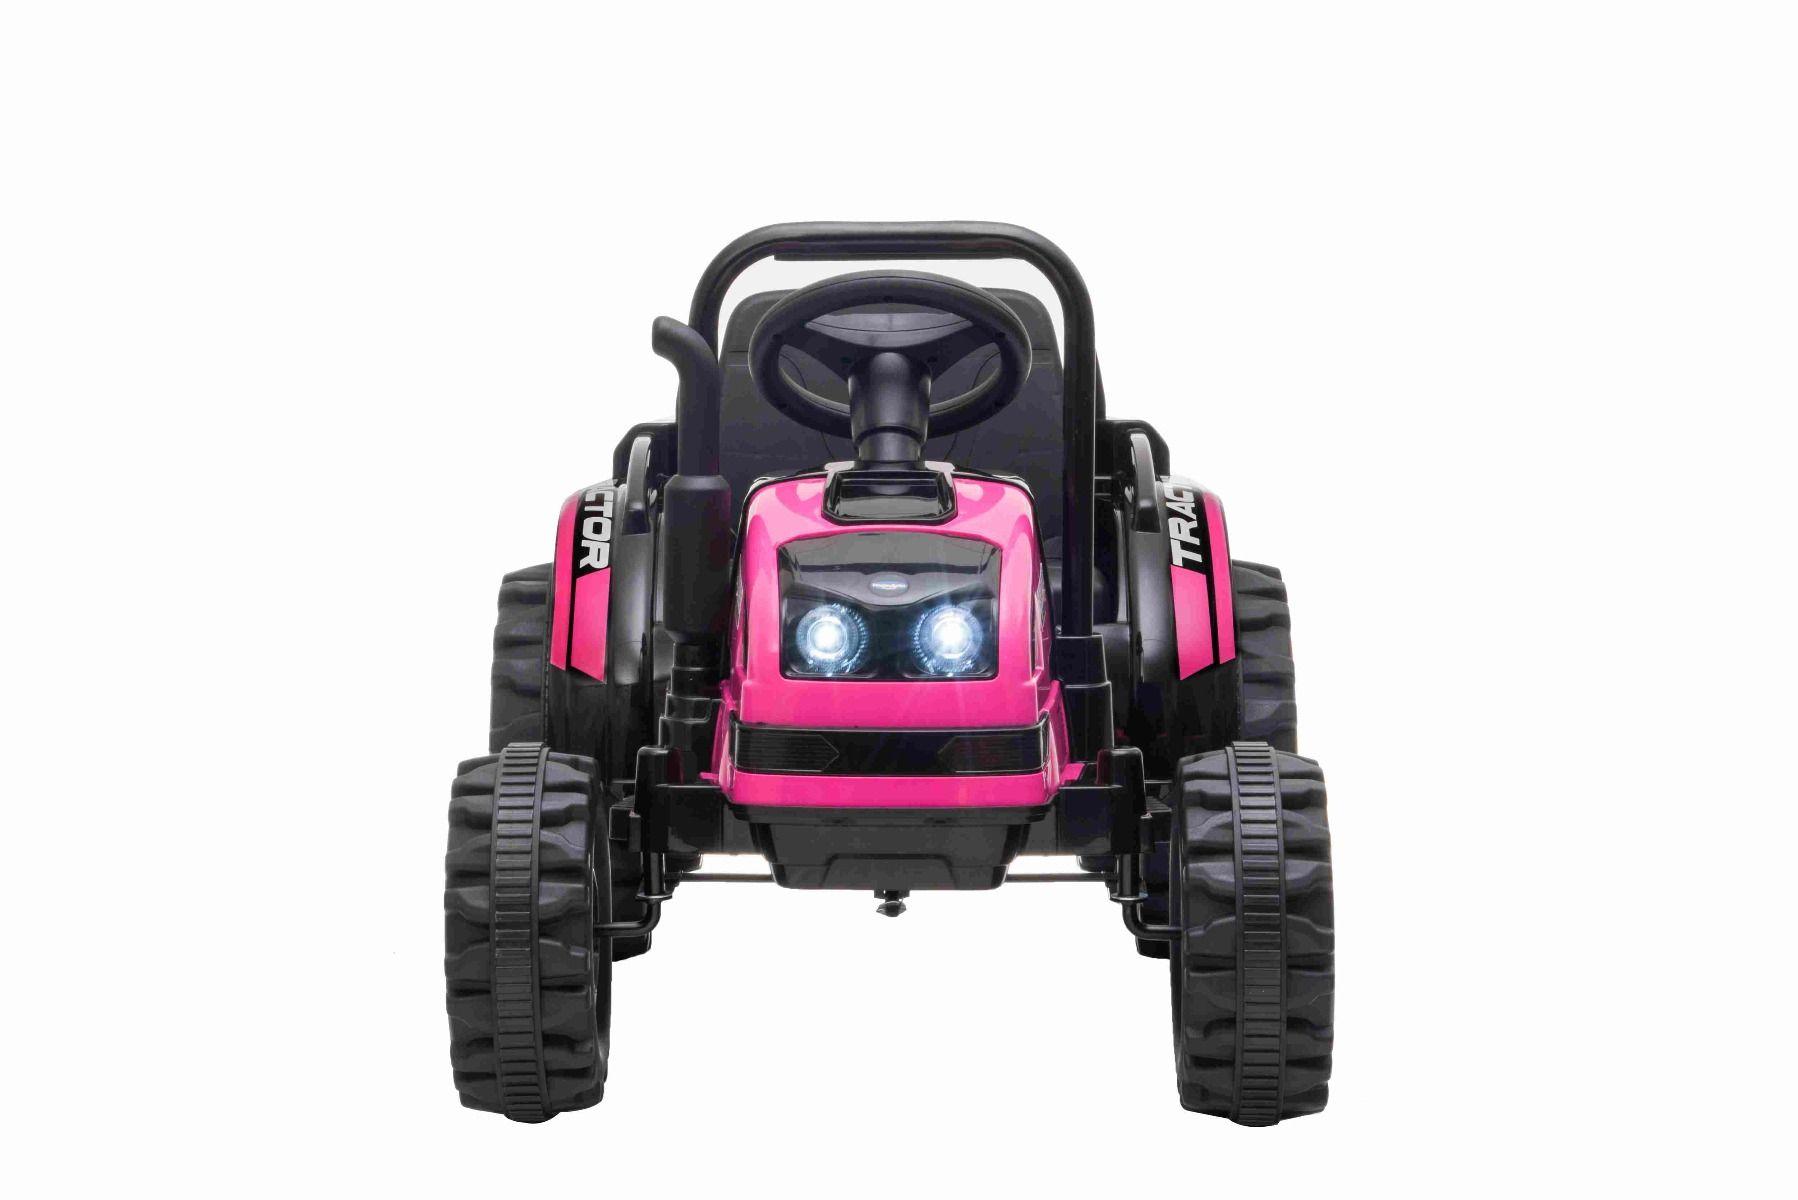 Elektrický Traktor POWER s vlečkou, ružový, Pohon zadných kolies, 12V batéria, Plastové kolesá, Odpruženie predných kolies, široké sedadlo, 2,4 GHz Diaľkový ovládač, Jednomiestne, MP3 prehrávač, LED Svetlá